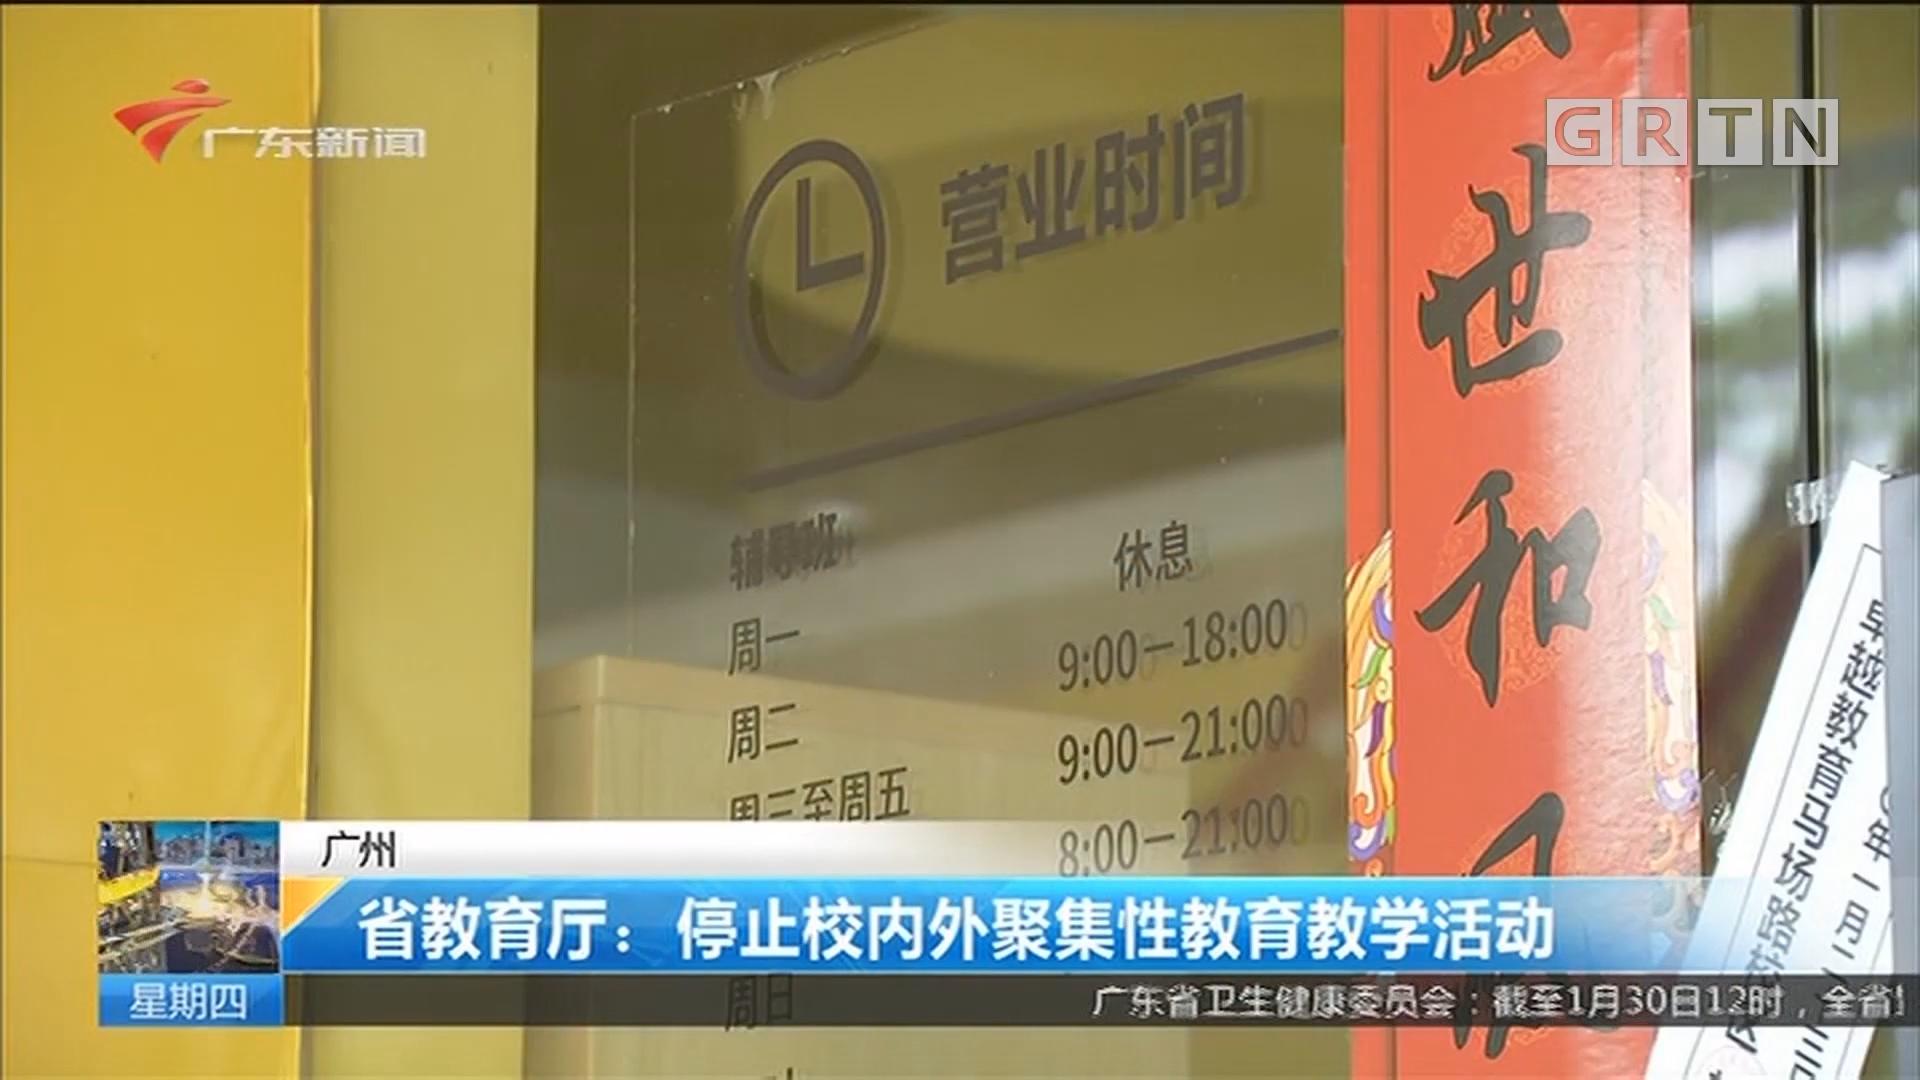 广州 省教育厅:停止校内外聚集性教育教学活动